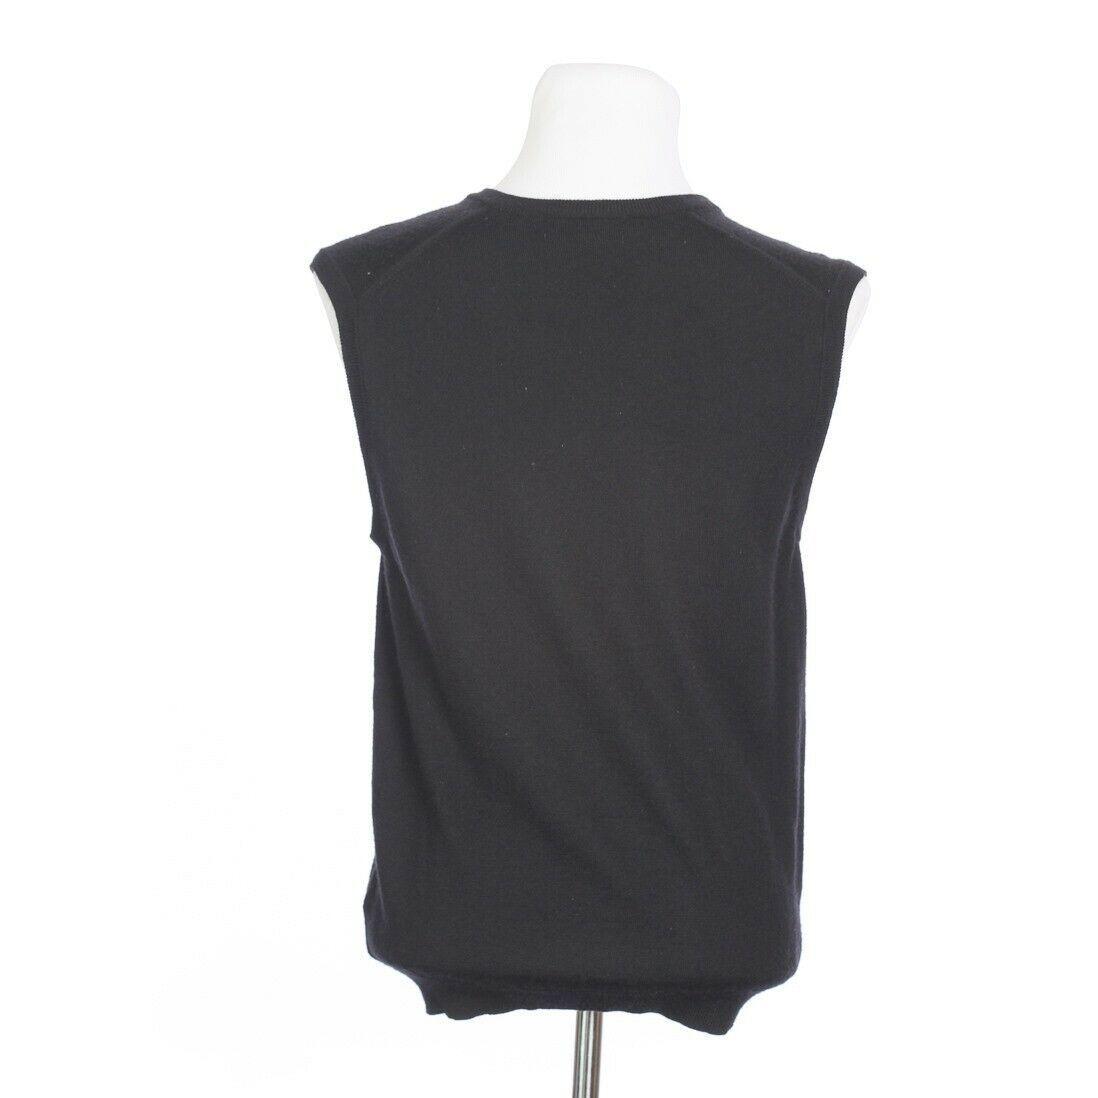 Brooks Brothers Extra Fine Merino Wool Solid Black Sweater Vest Mens Medium image 6